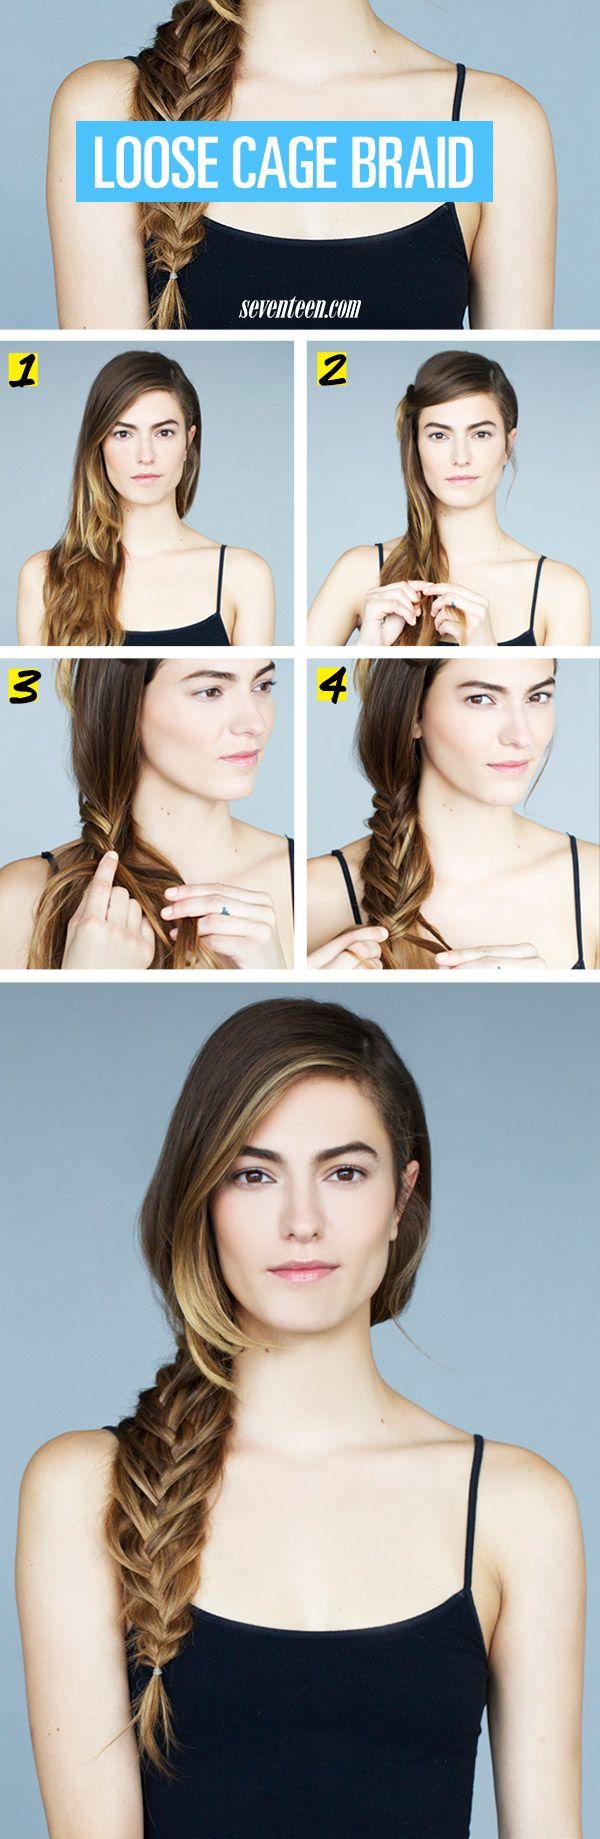 Hair How-To: Boyfriend Braid (AKA The Loose Cage Braid)